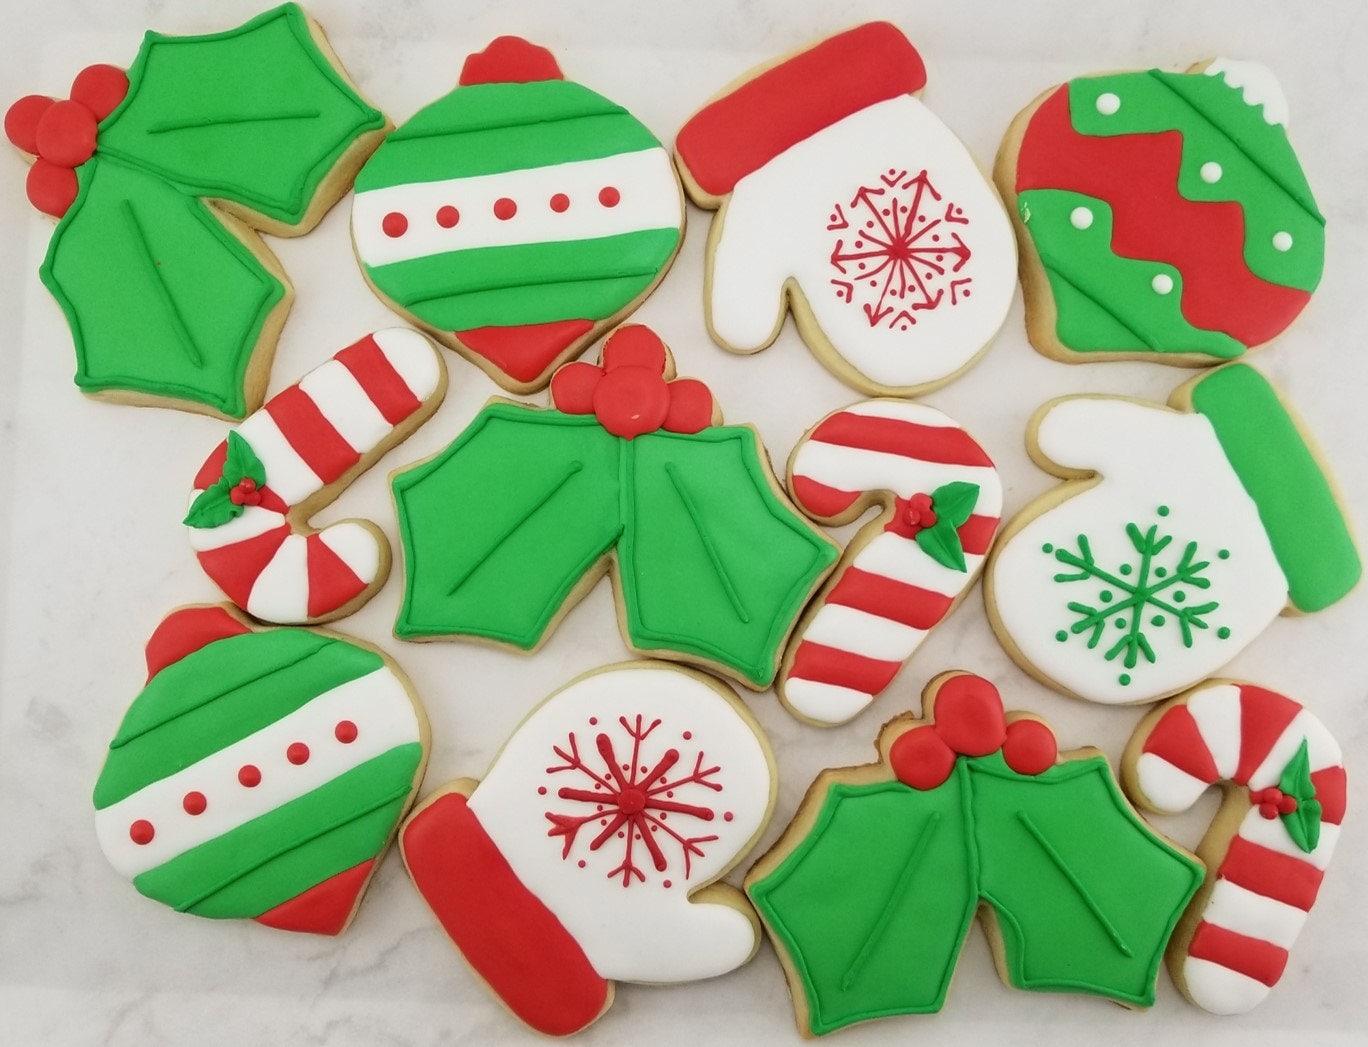 Seasons greetings christmas sugar cookies christmas cookies seasons greetings christmas sugar cookies christmas cookies christmas ornaments mitten cookies ornament cookies candy cane cookie m4hsunfo